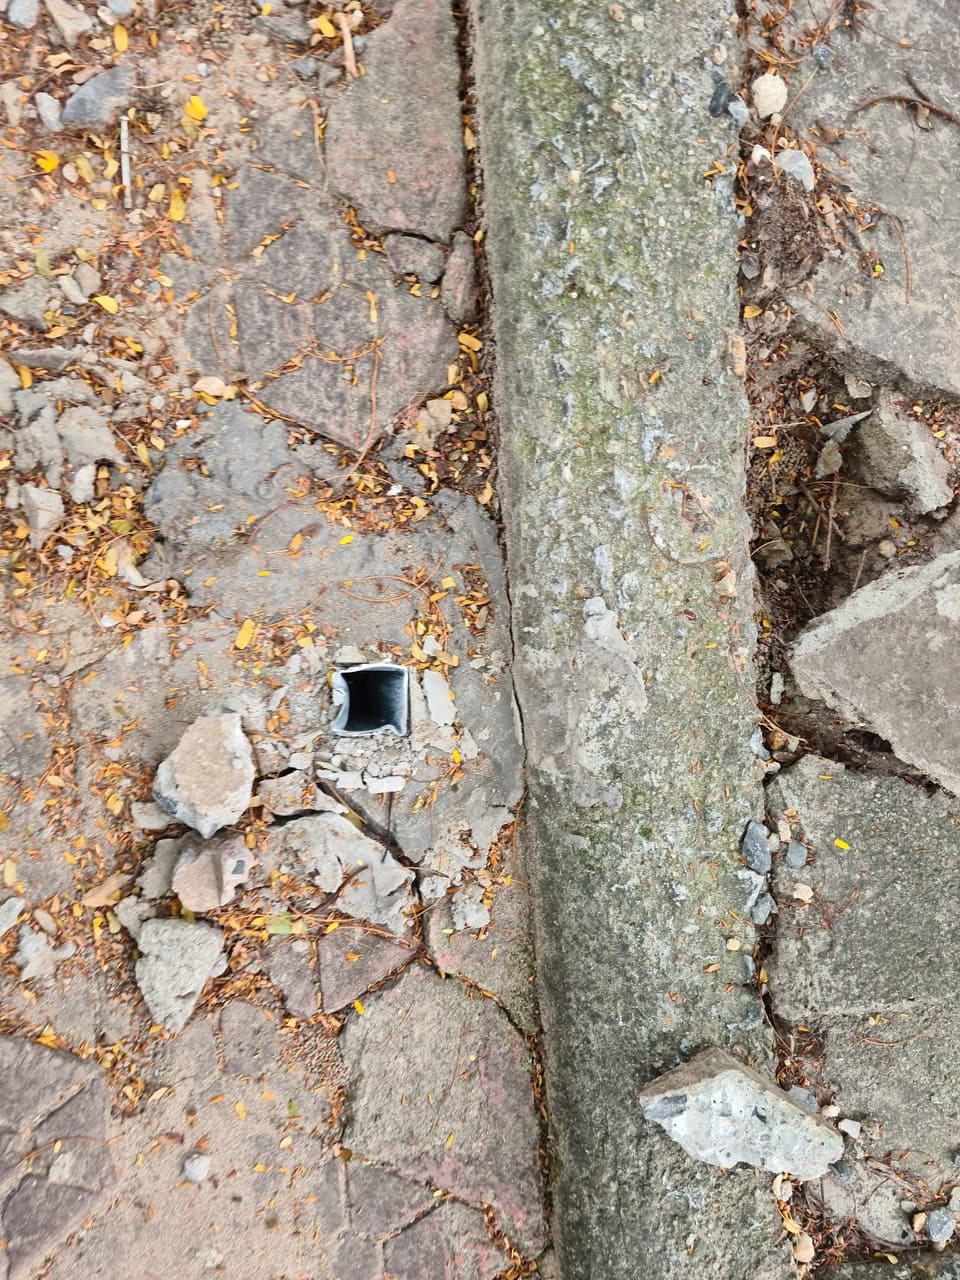 Hải Phòng: Yêu cầu xác minh, làm rõ việc cọc sắt chôn dày đặc trên phố gây nguy hiểm cho người dân - Ảnh 5.